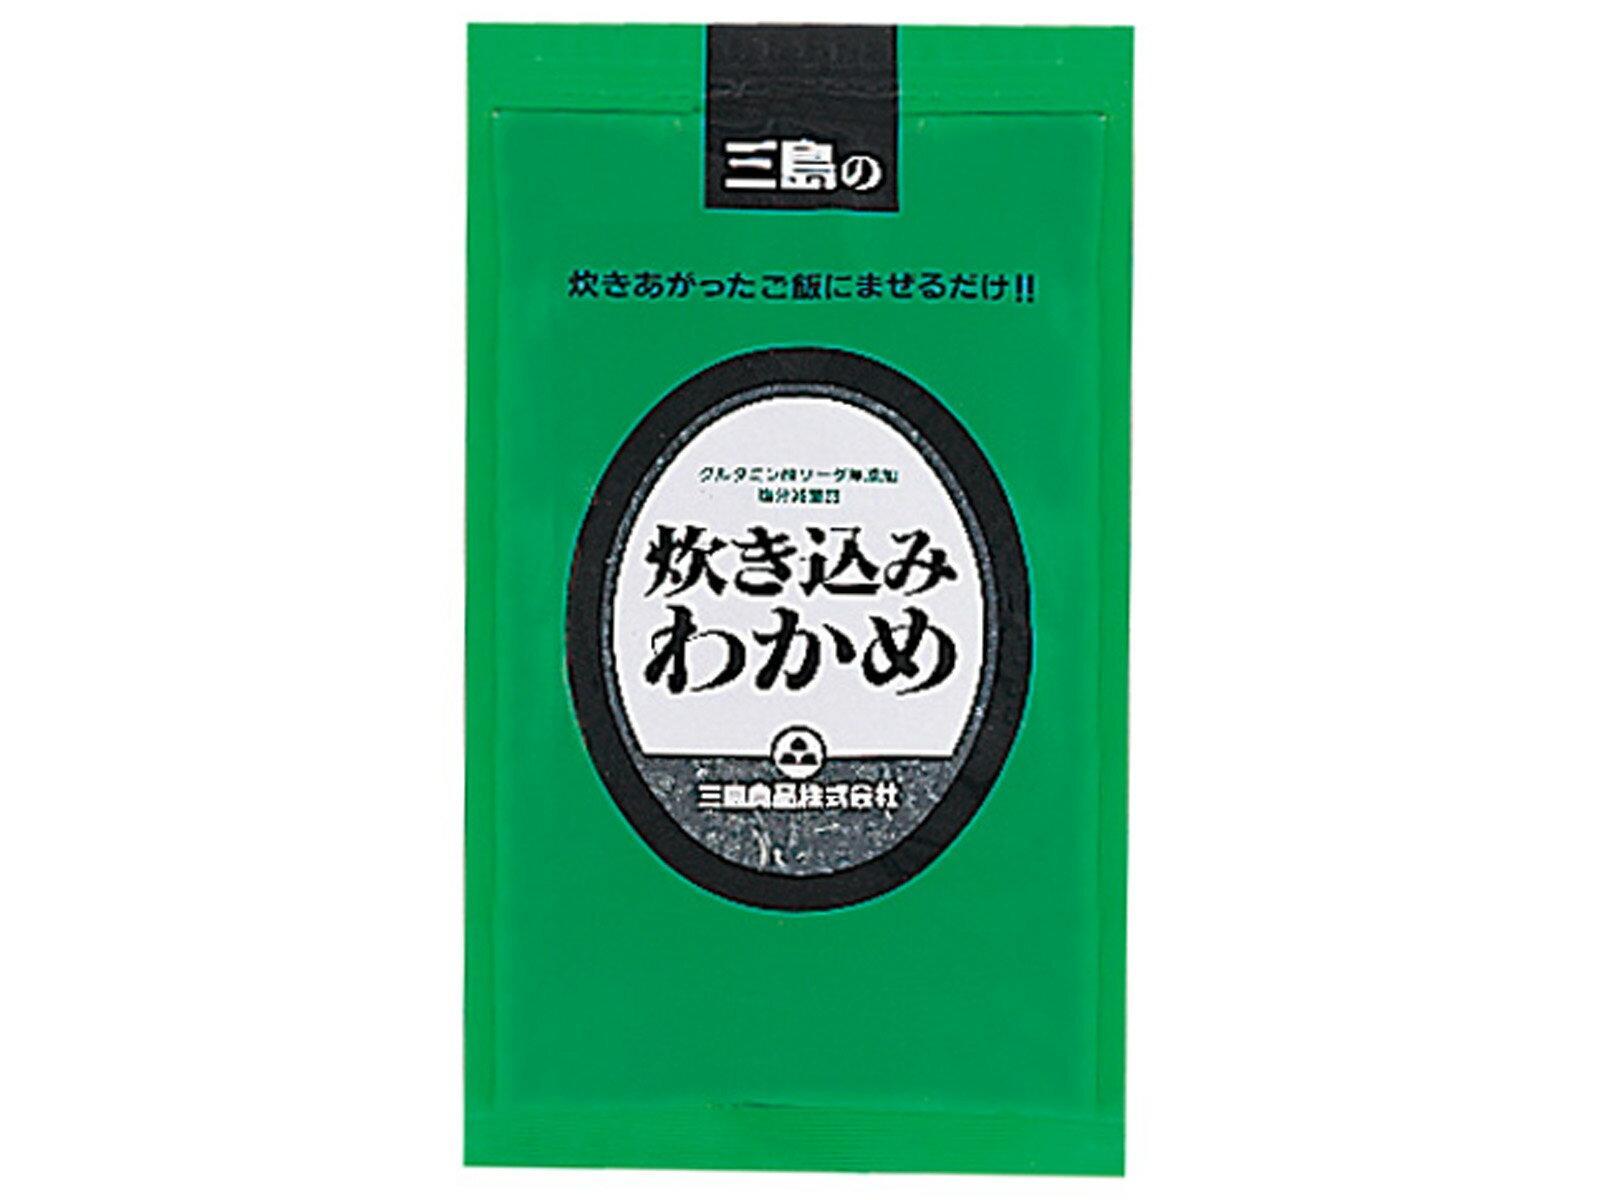 炊き込みわかめ(グルタミン酸ソーダ無添加) 200g